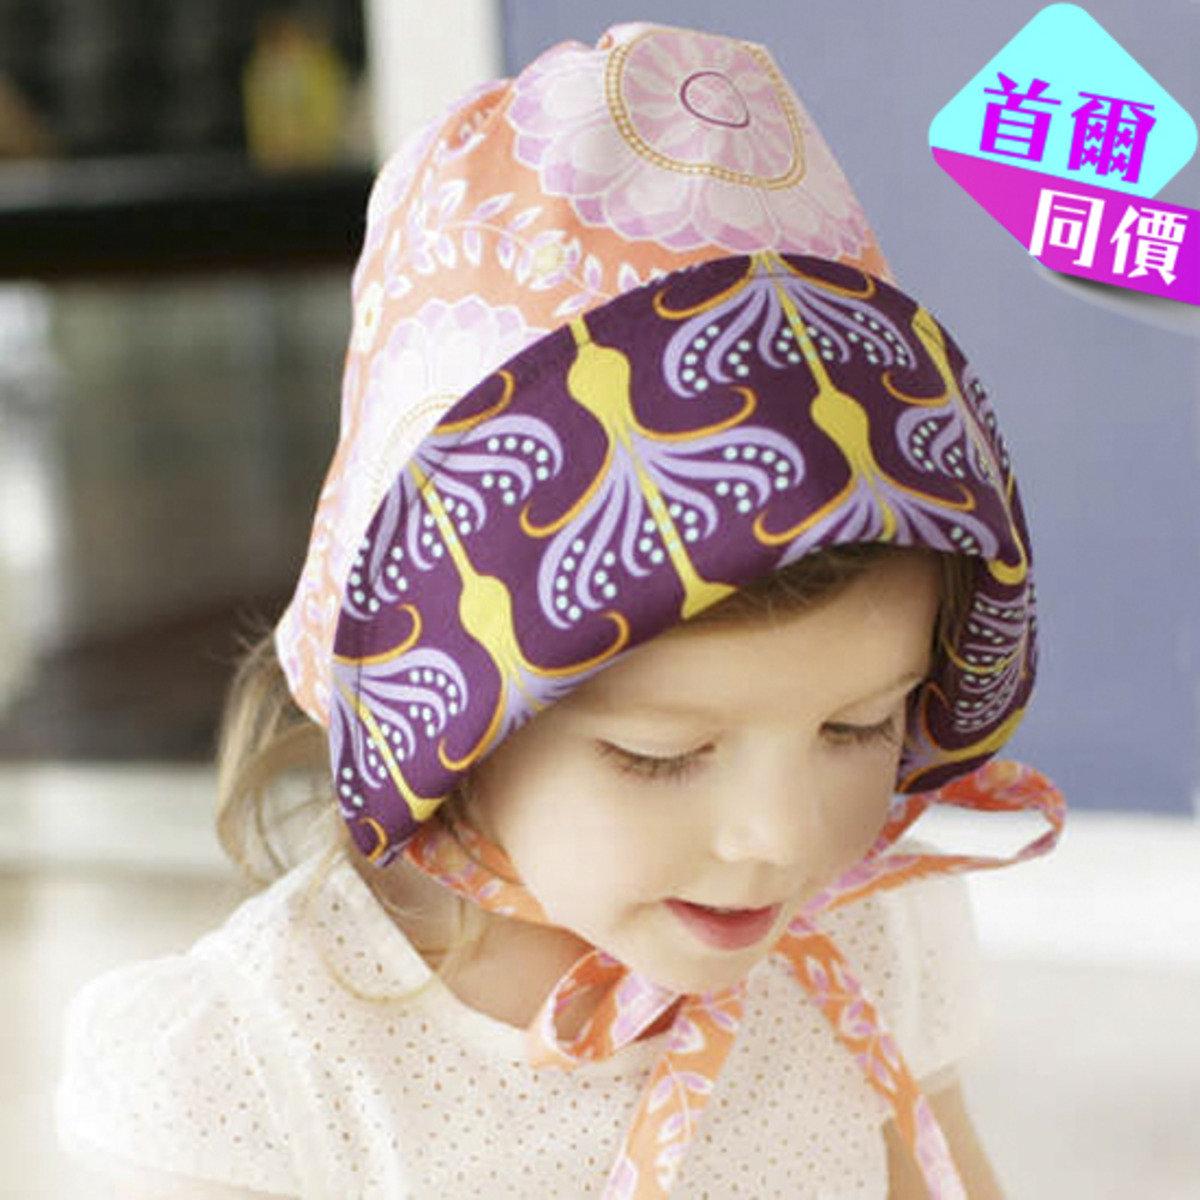 亮麗橙紫太陽童話花帽